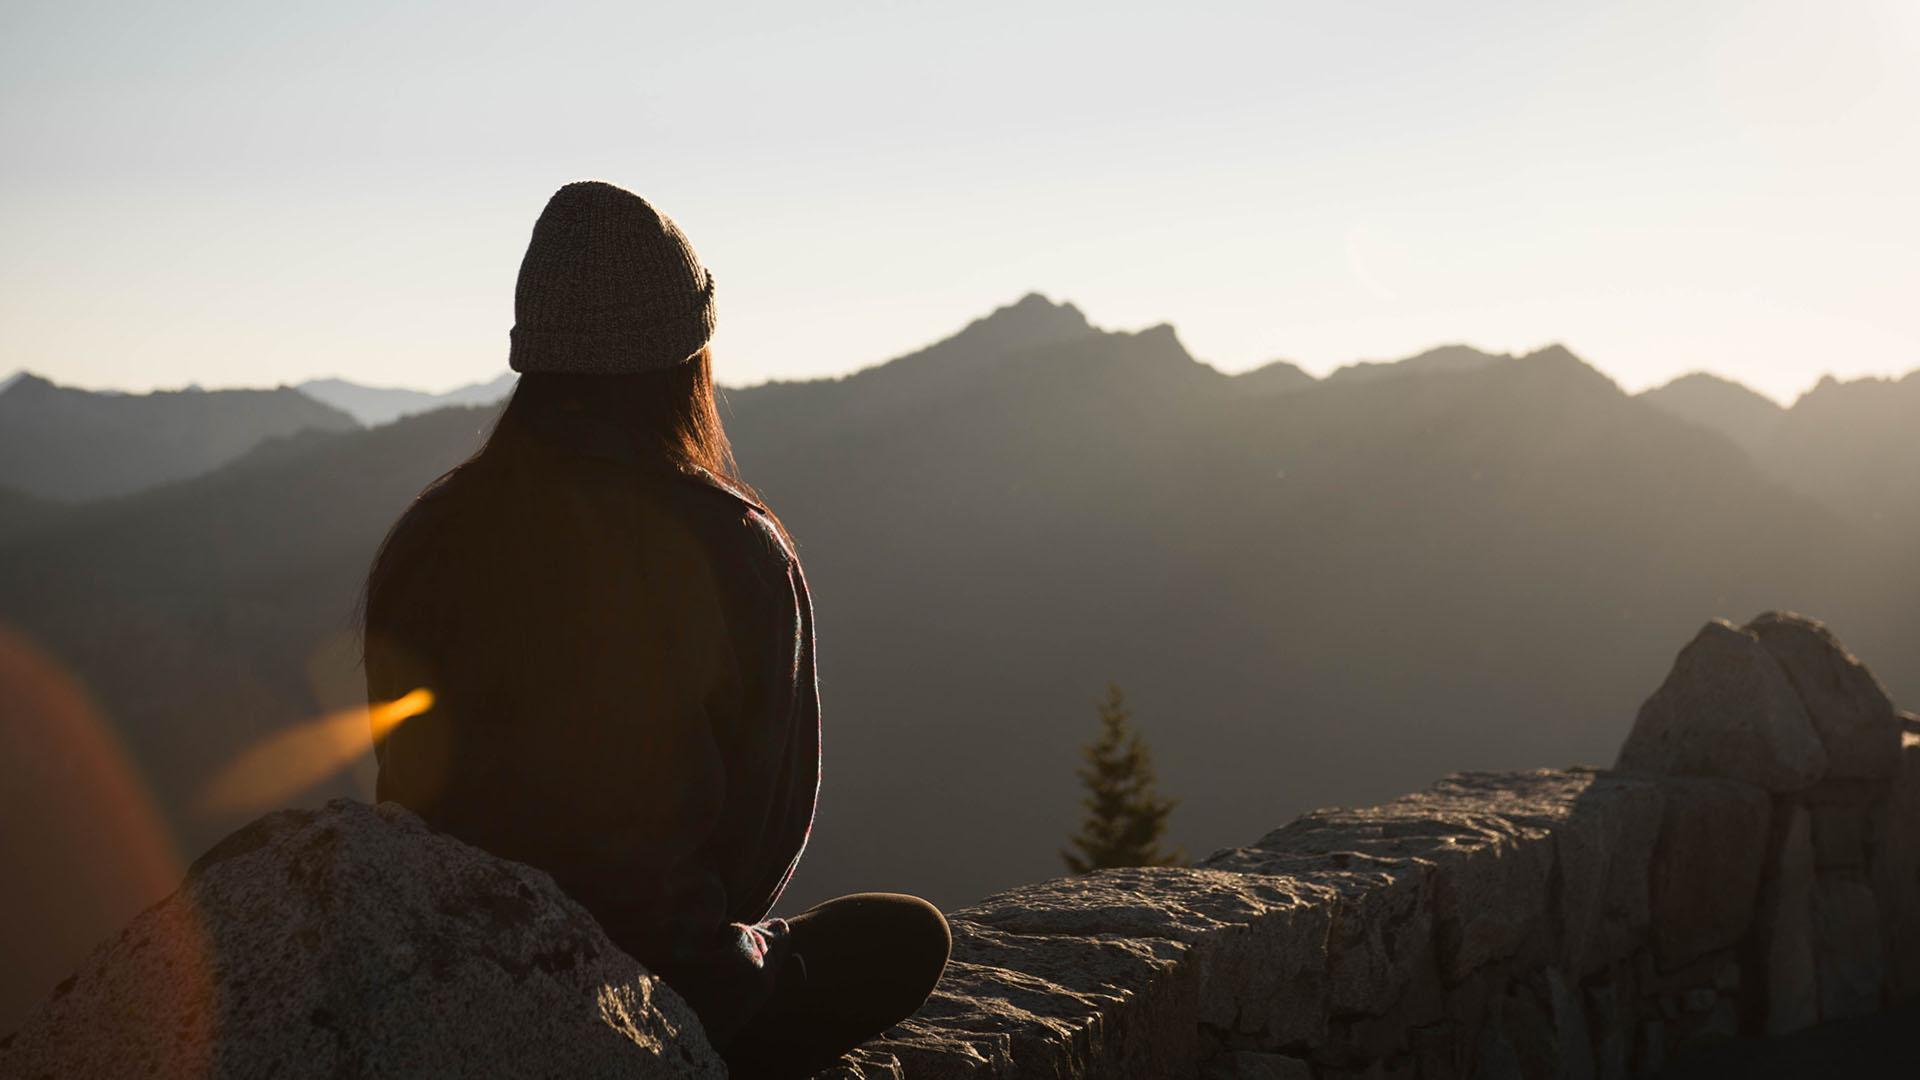 бесконечная медитация